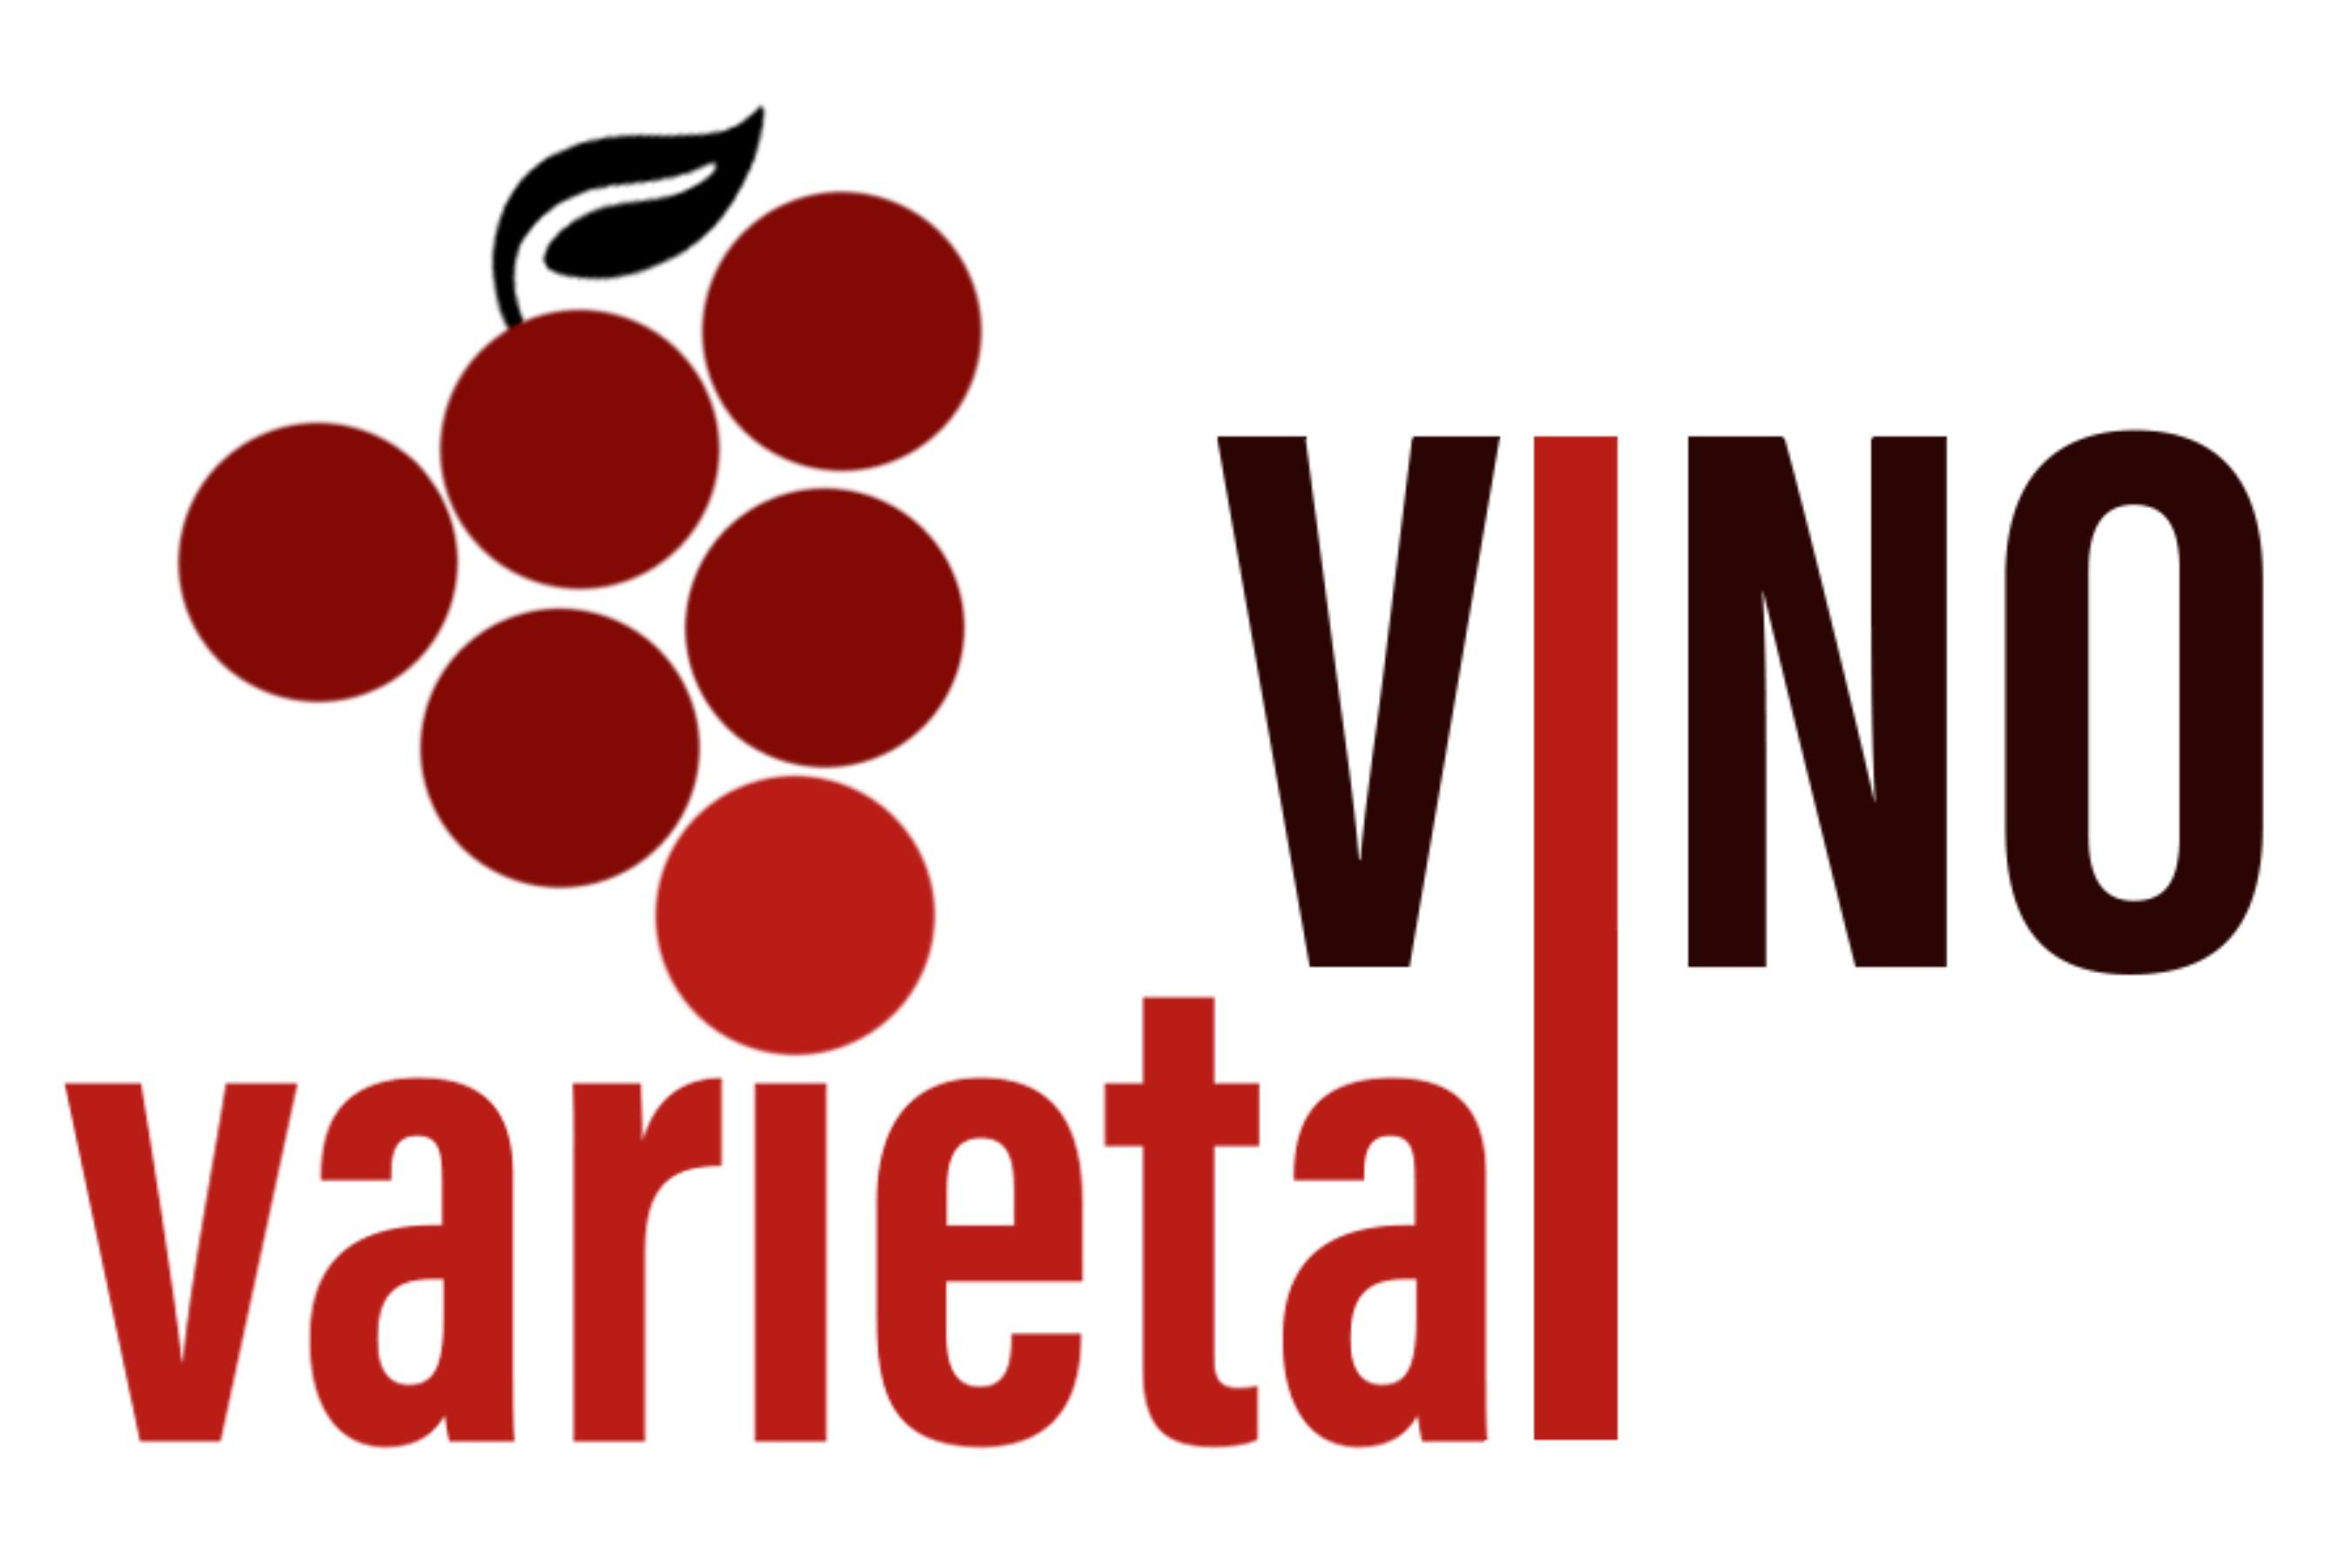 logo monovarietal